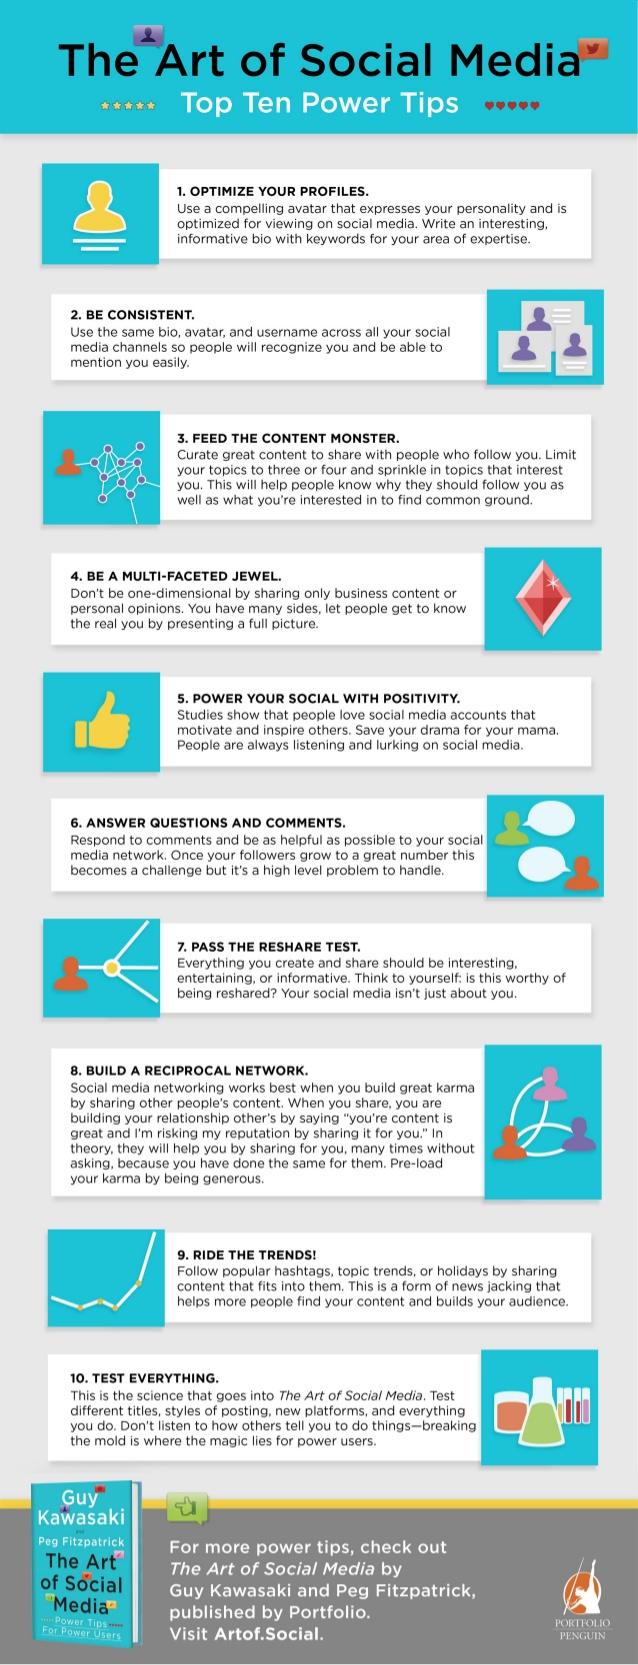 El arte de las Redes Sociales